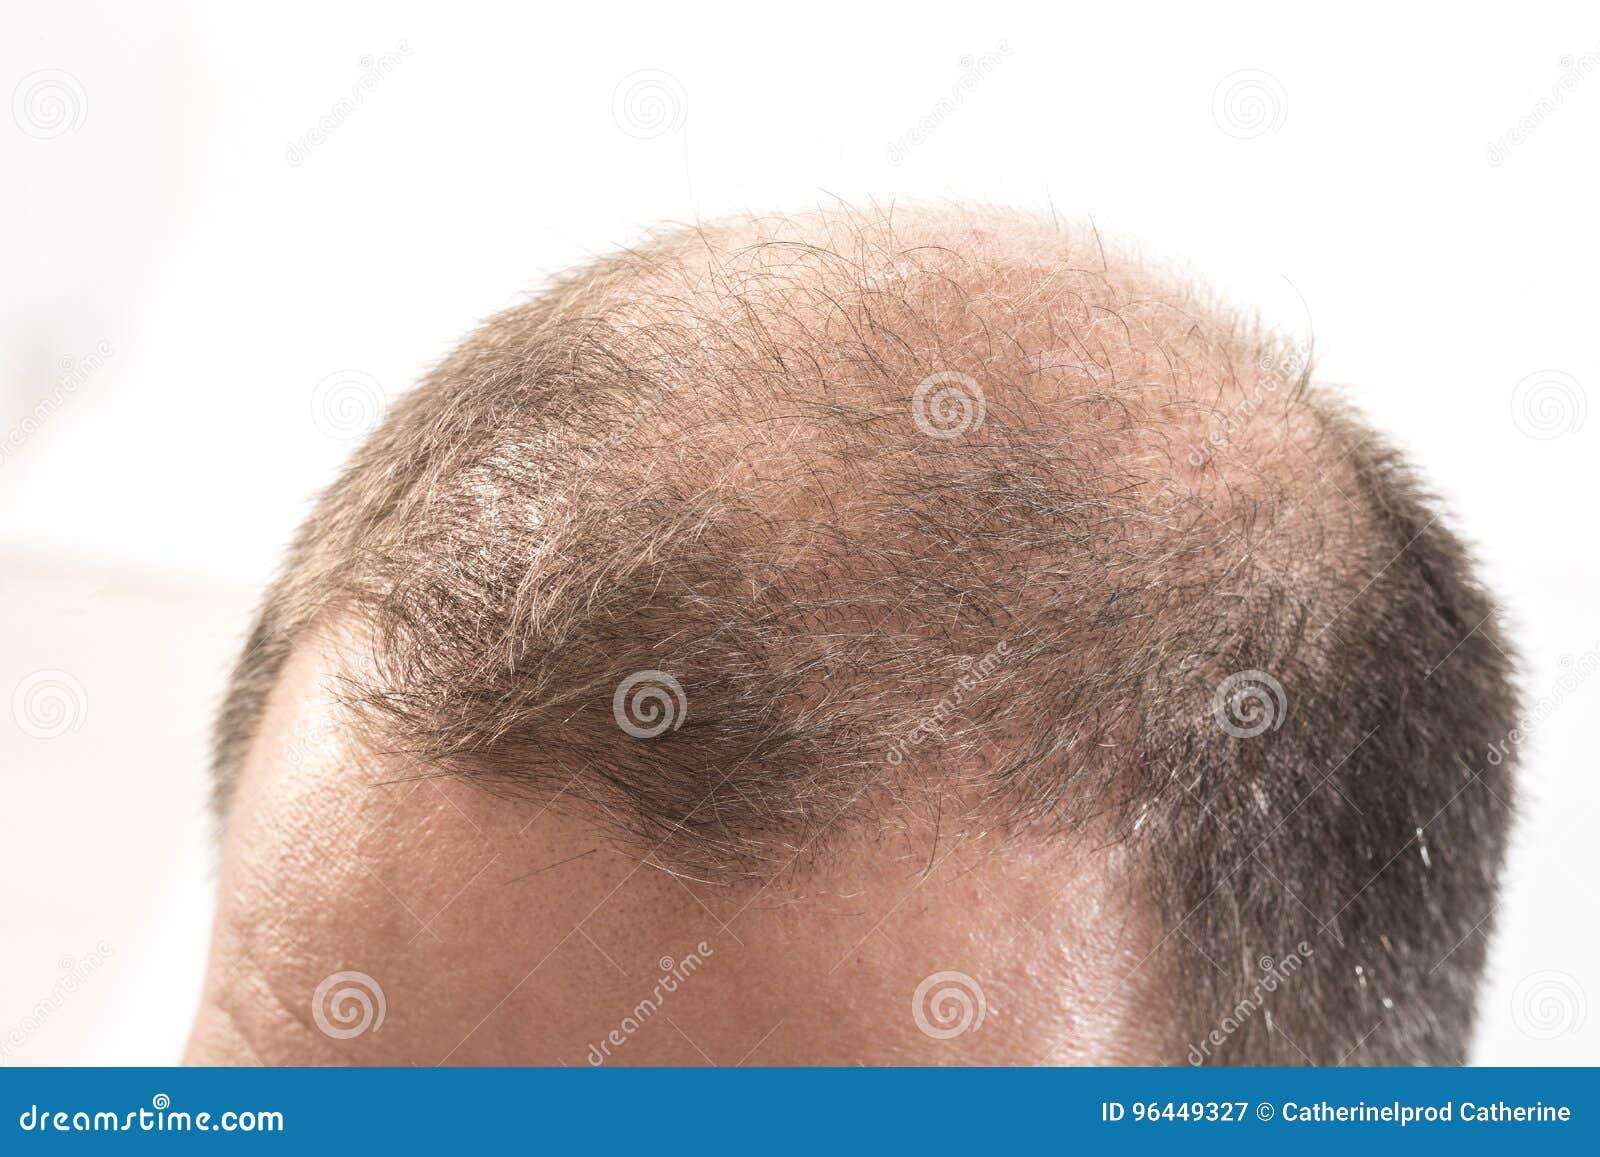 Μέσης ηλικίας ενδιαφερόμενο άτομο με alopecia φαλάκρας απώλειας τρίχας κοντά επάνω το άσπρο υπόβαθρο